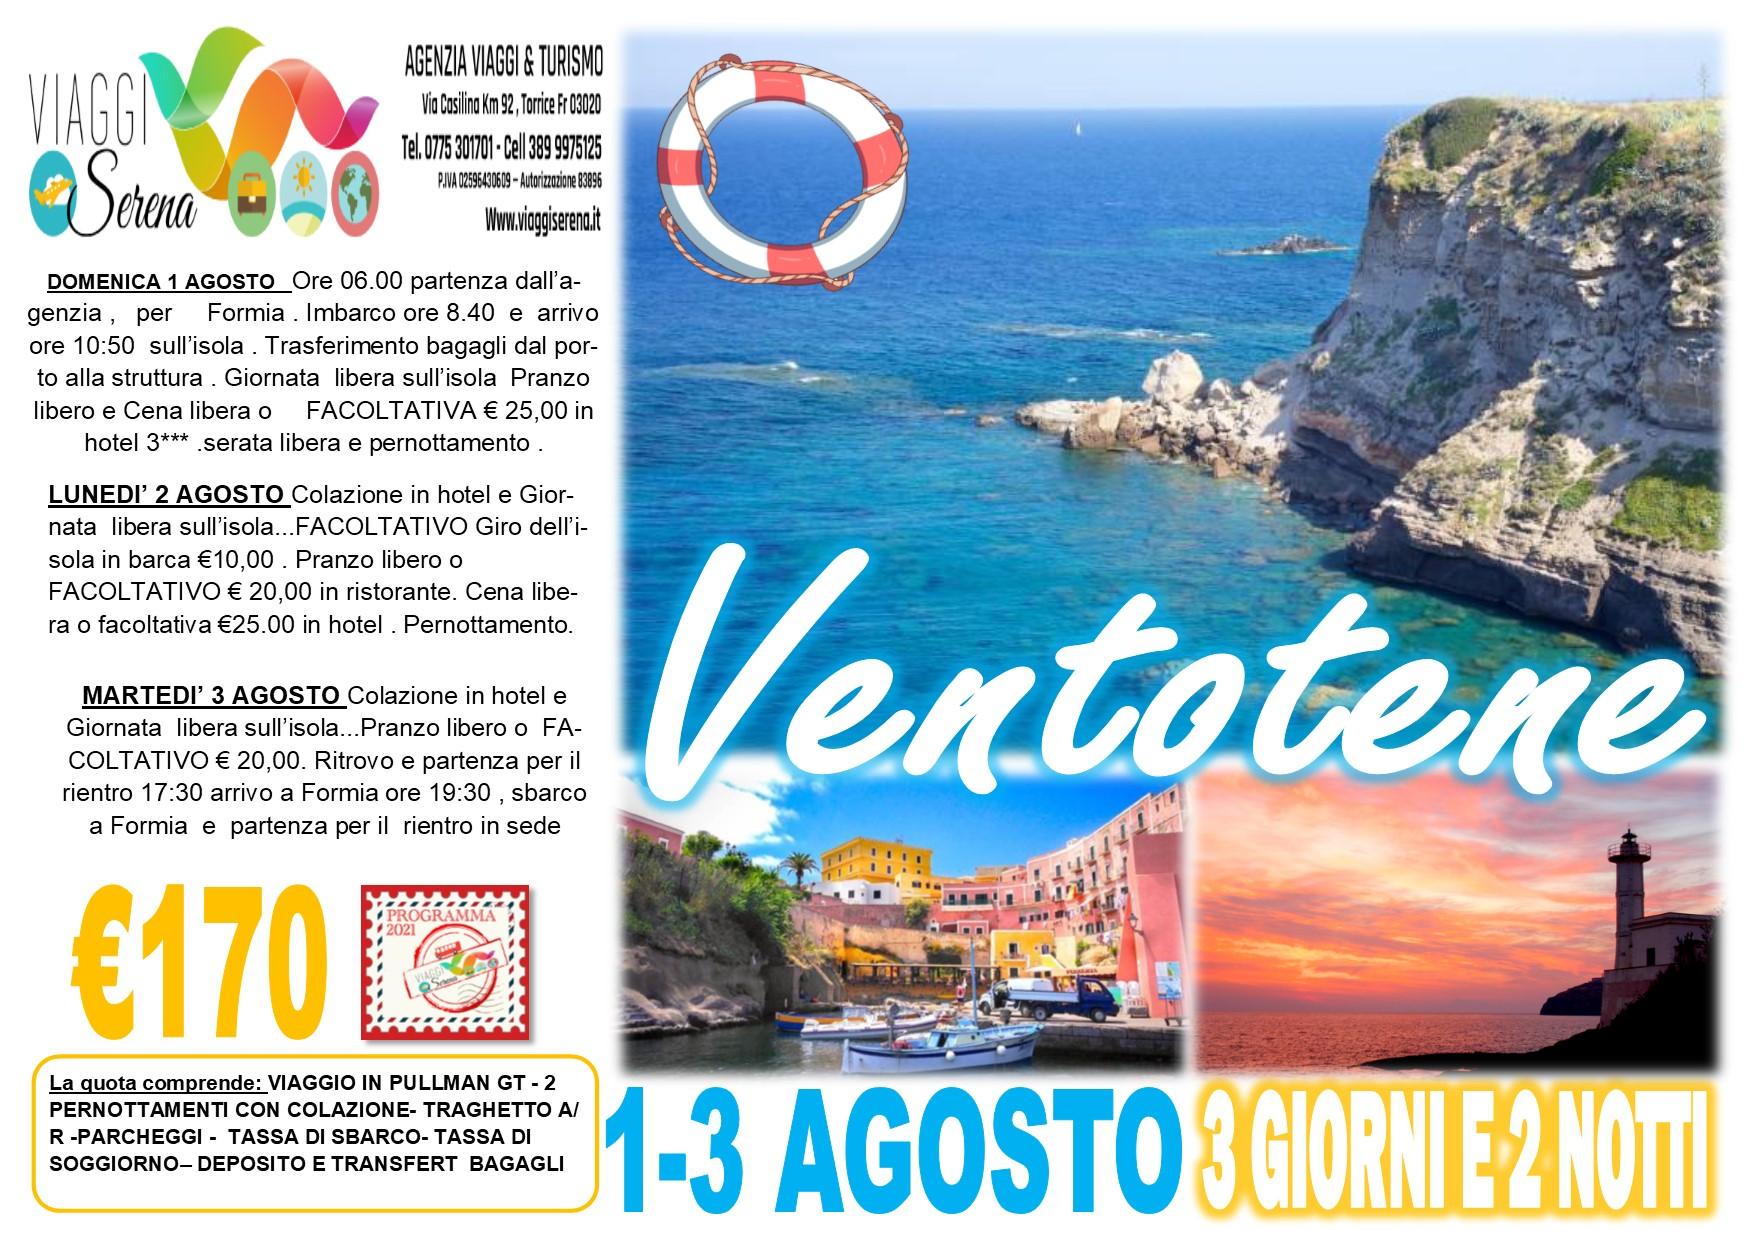 Viaggi di Gruppo:  soggiorno sull'Isola di VENTOTENE 1-2-3 Agosto € 170,00